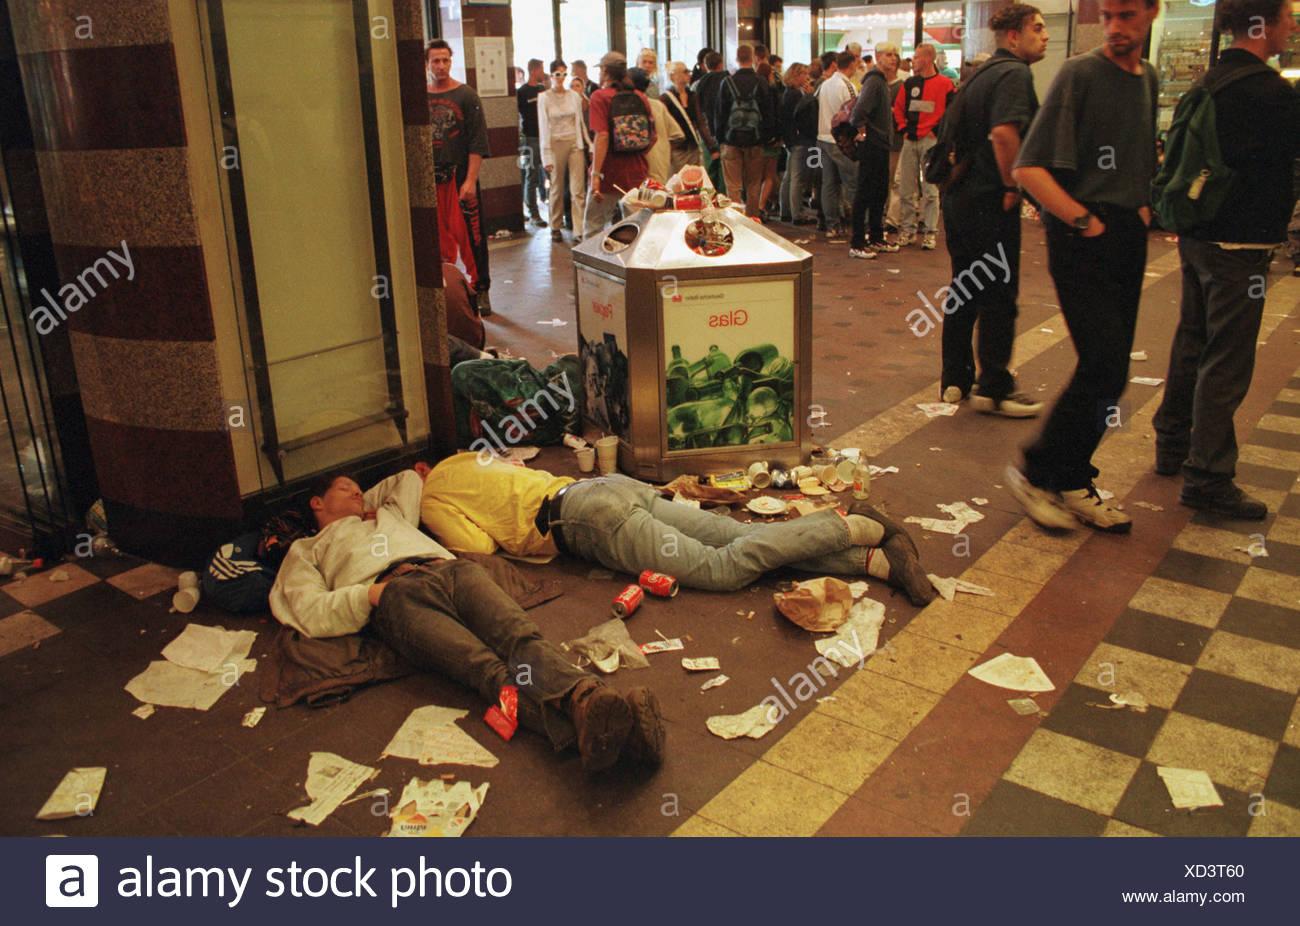 Raver erschöpft nach der Love-Parade am Bahnhof, Berlin, Deutschland Stockbild